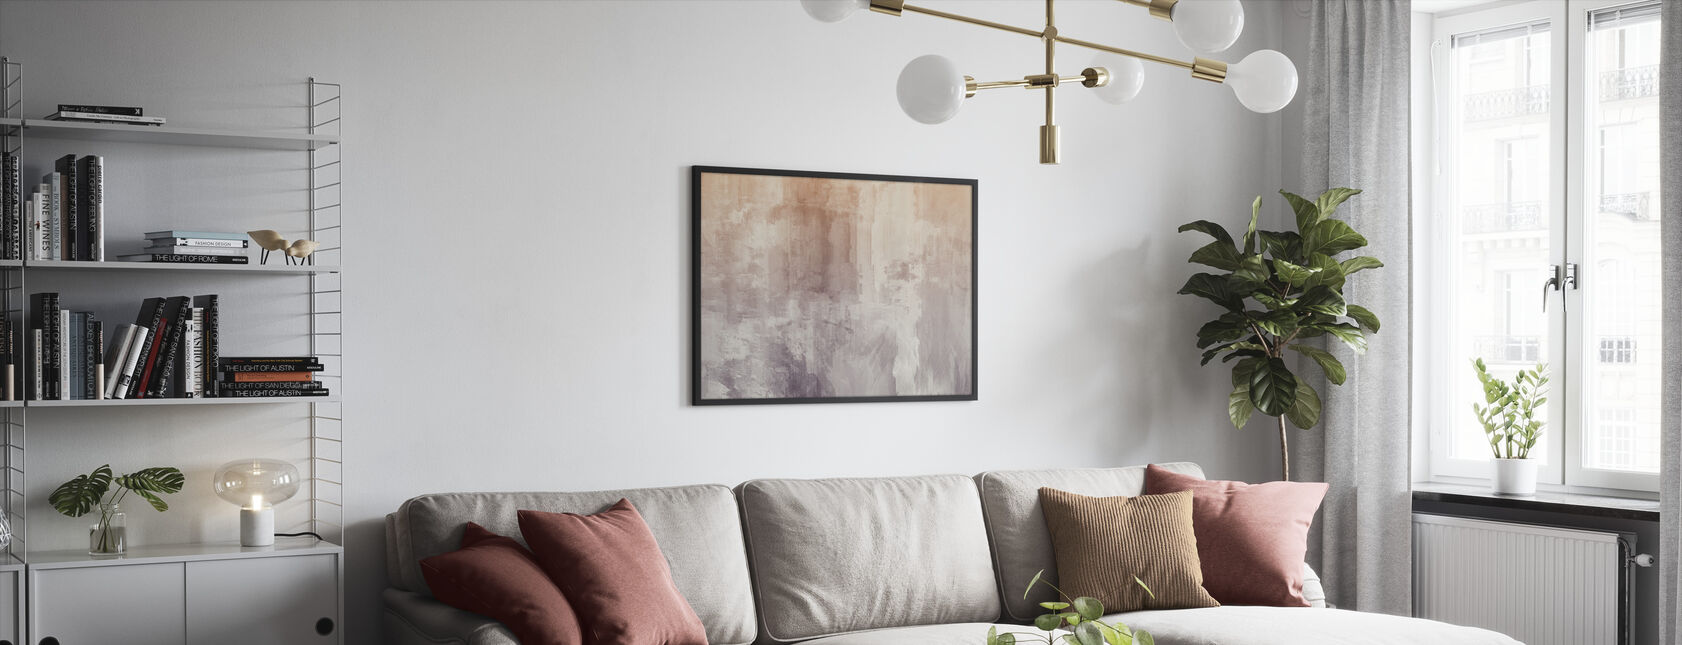 Acuarelas rugosas - Print enmarcado - Salón